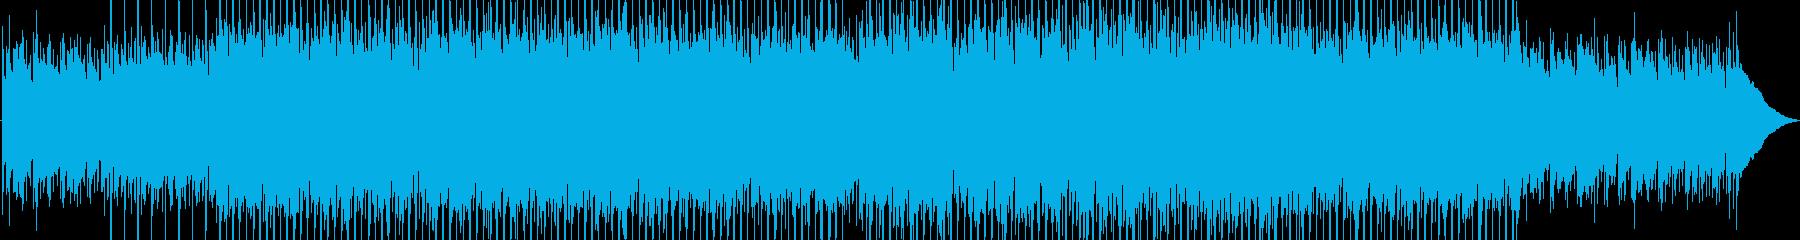 ポップ ロック カントリー 民謡 ...の再生済みの波形